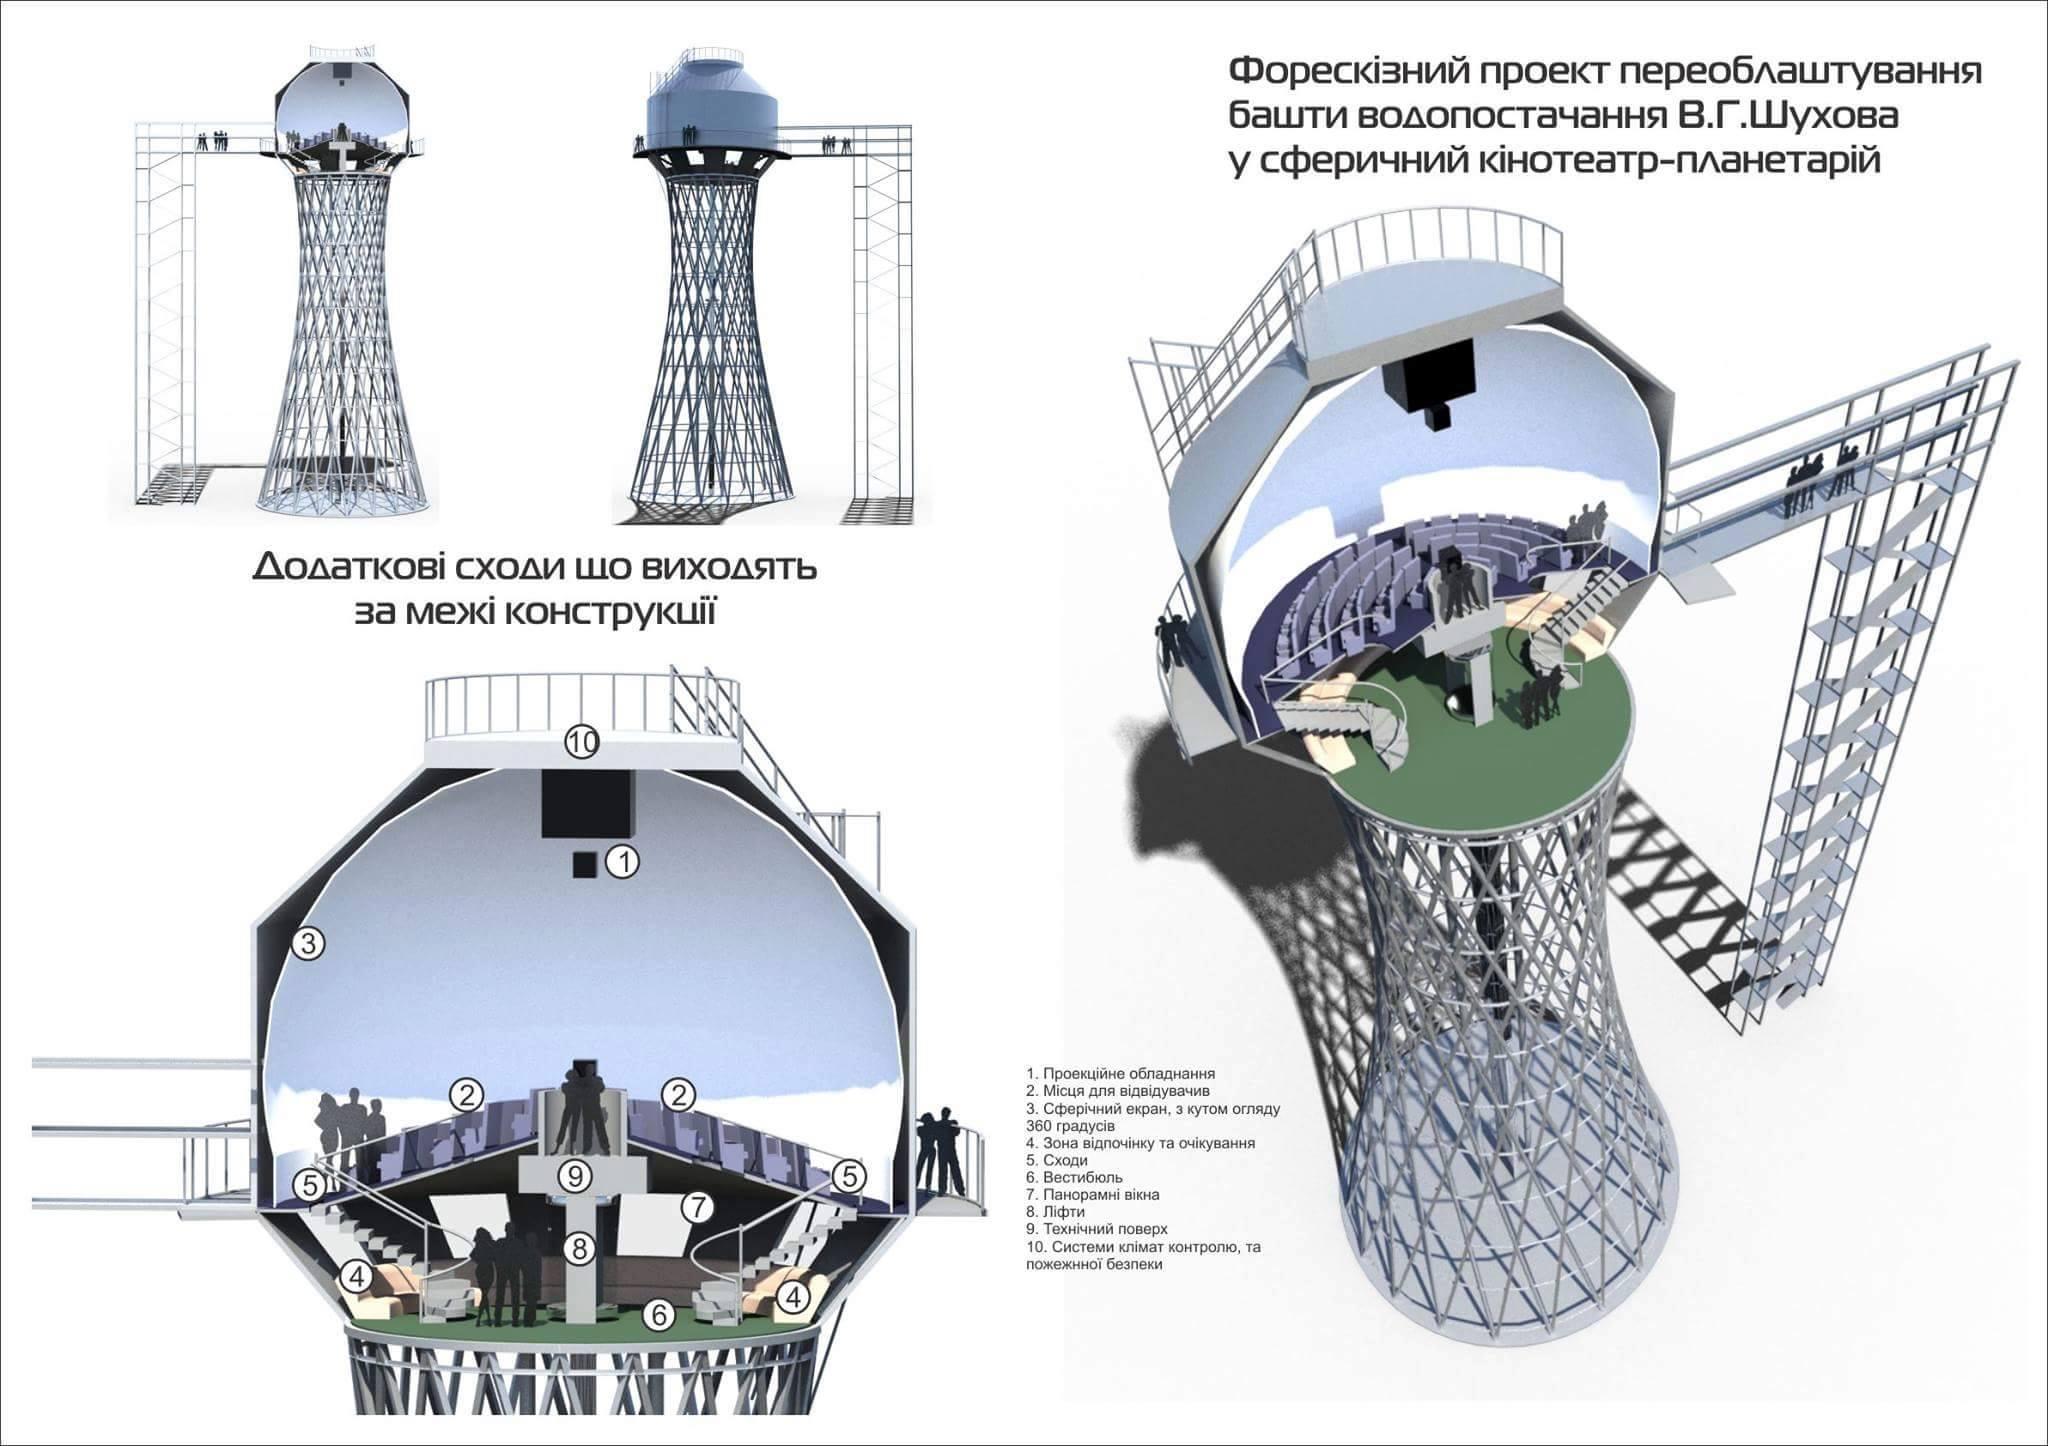 Миколаївців запрошують на екскурсію на історичну вежу Шухова